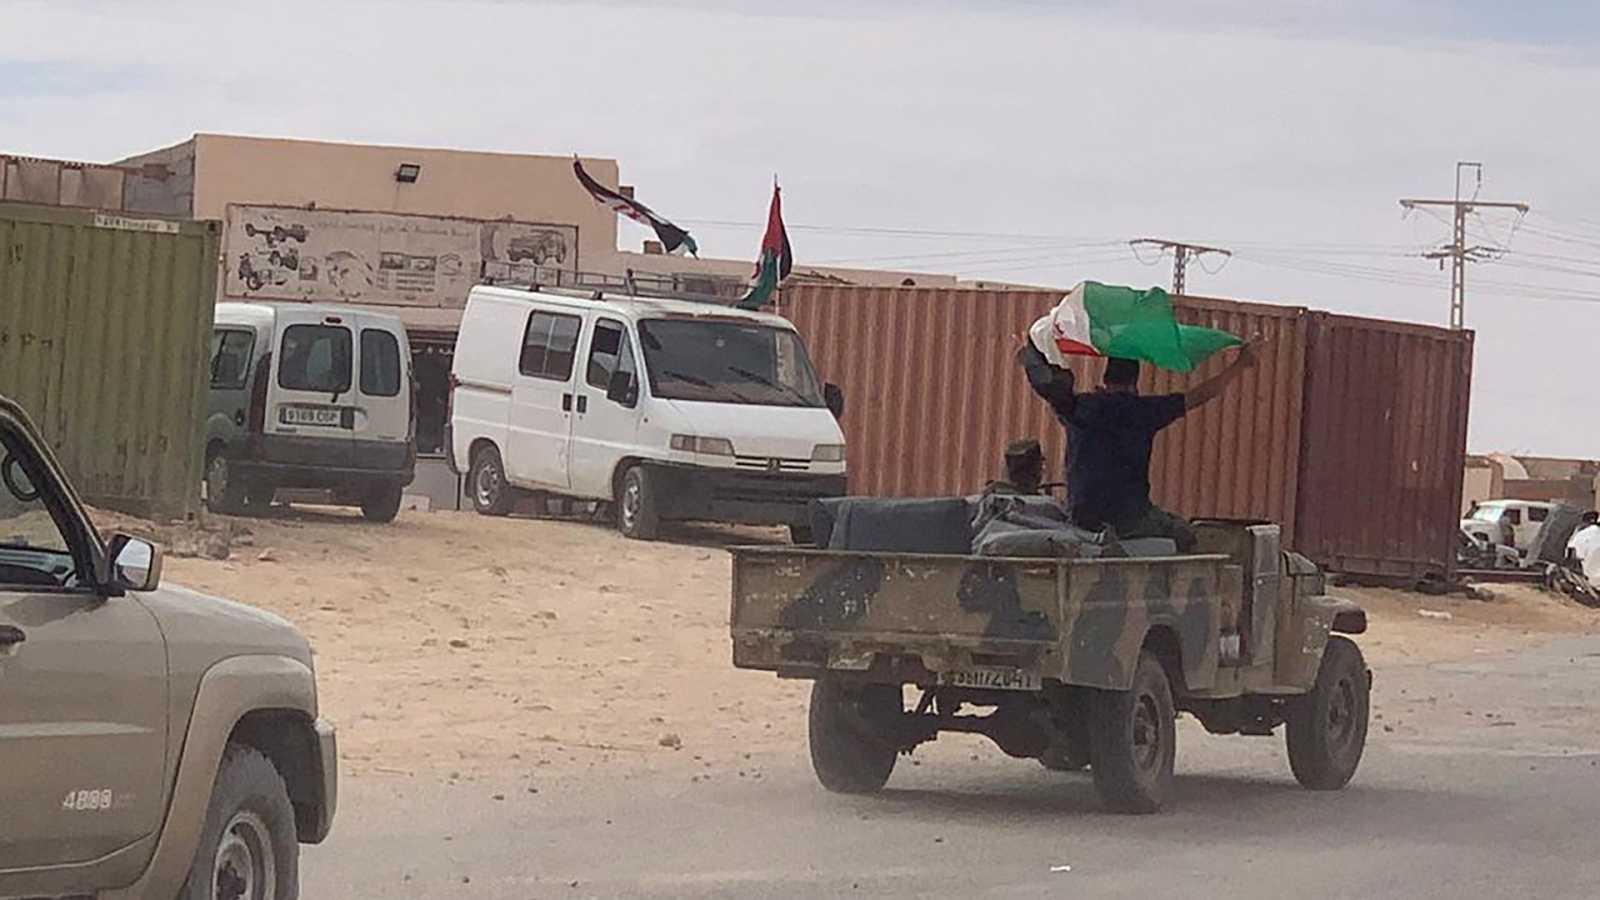 14 horas Fin de Semana - El Frente Polisario decreta el estado de guerra mientras que Rabat no confirma bajas en su ejército- Escuchar ahora